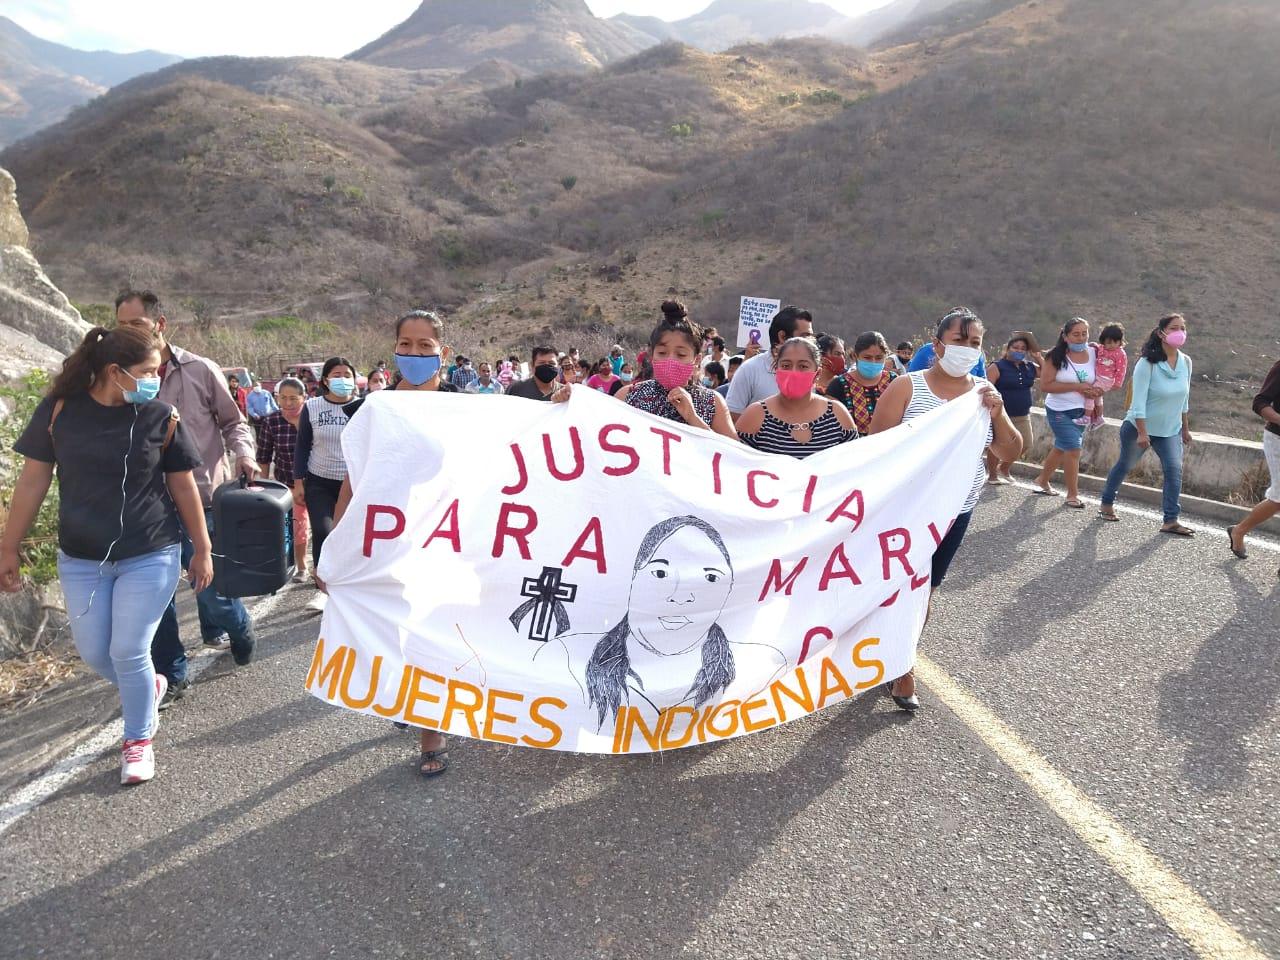 Marchan en el Istmo para exigir que el asesinato de Mary Cruz sea castigado como feminicidio